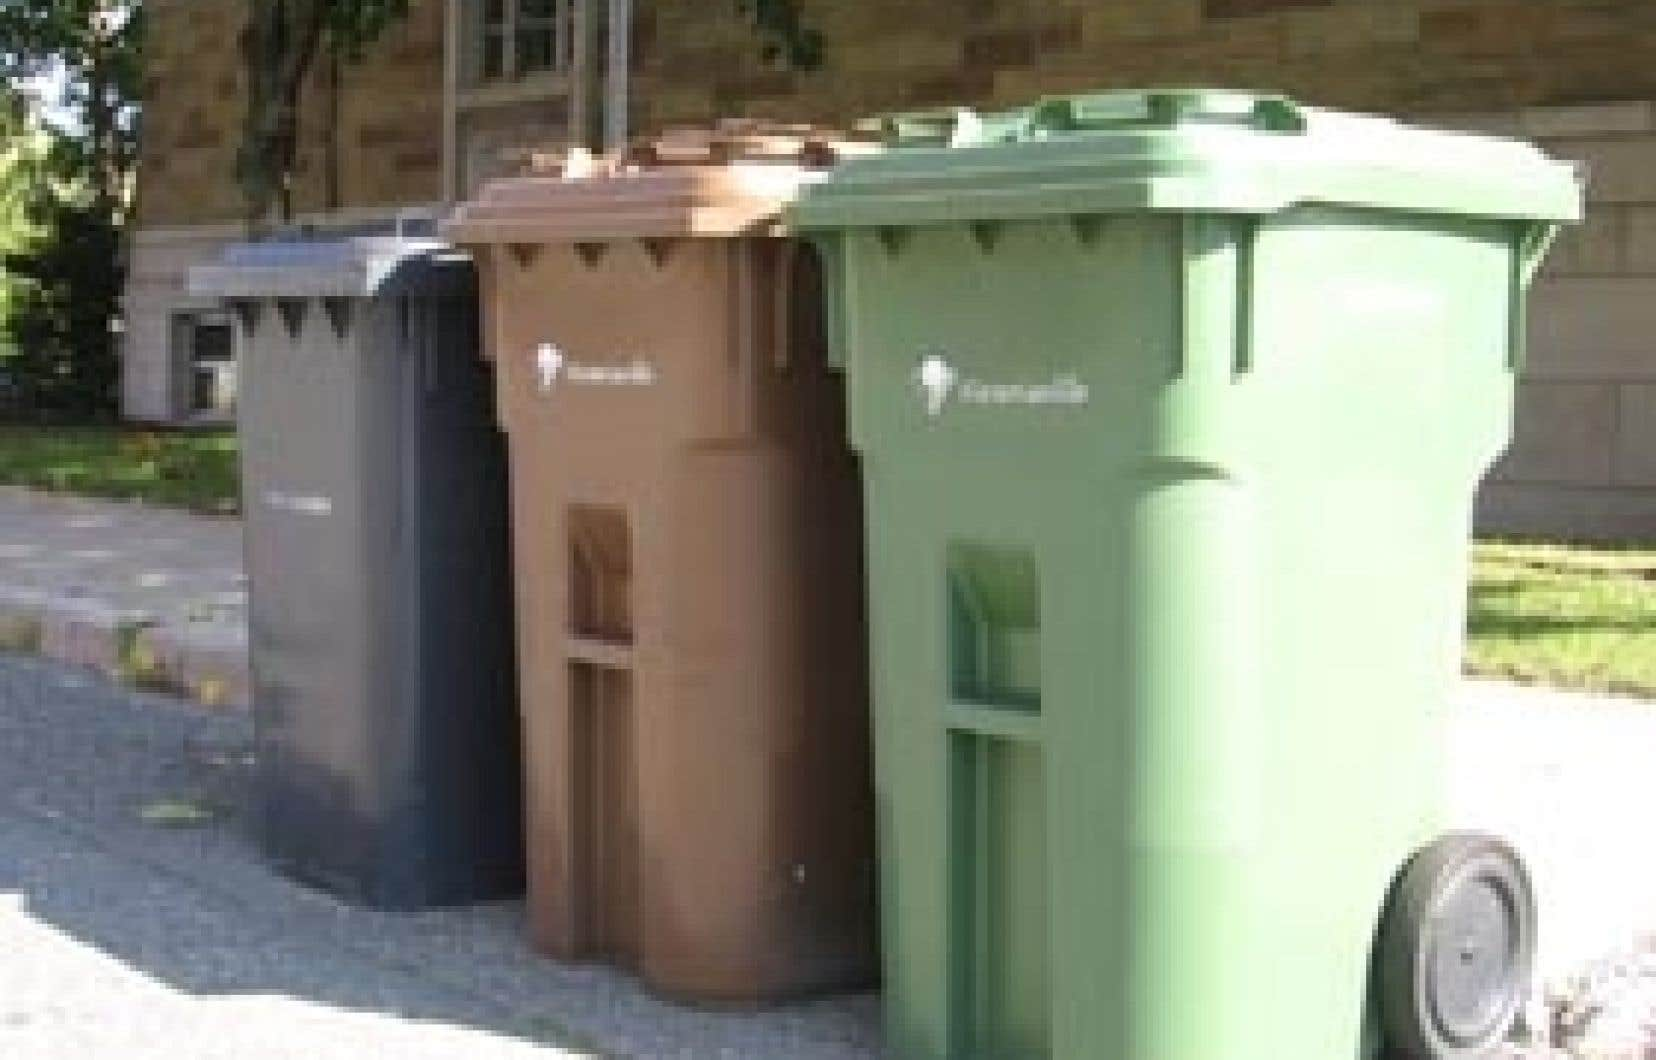 Depuis des années, les citoyens de Victoriaville ont trois bacs pour disposer de leurs déchets: un pour le recyclage, un pour le compostage et un pour le reste.